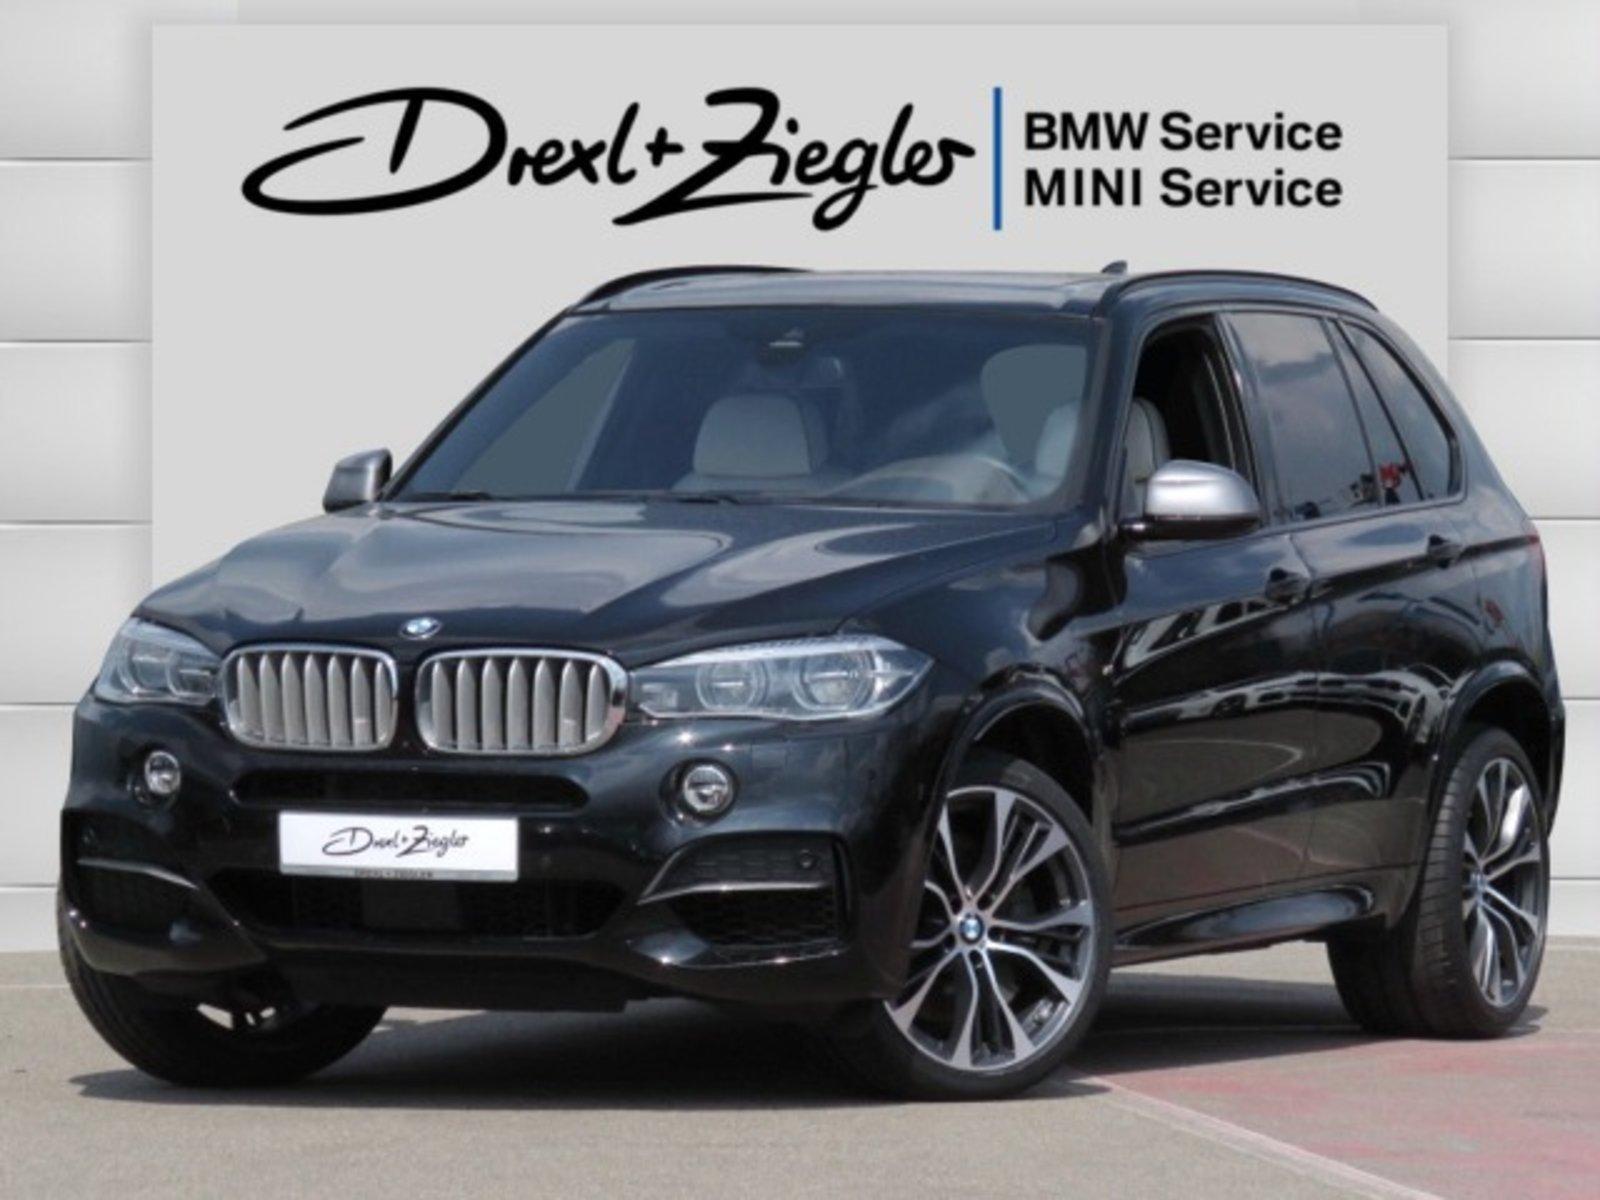 BMW X5 M50d M Sport AHK Alu21 HUD H&K DAB SCA GSD, Jahr 2018, Diesel